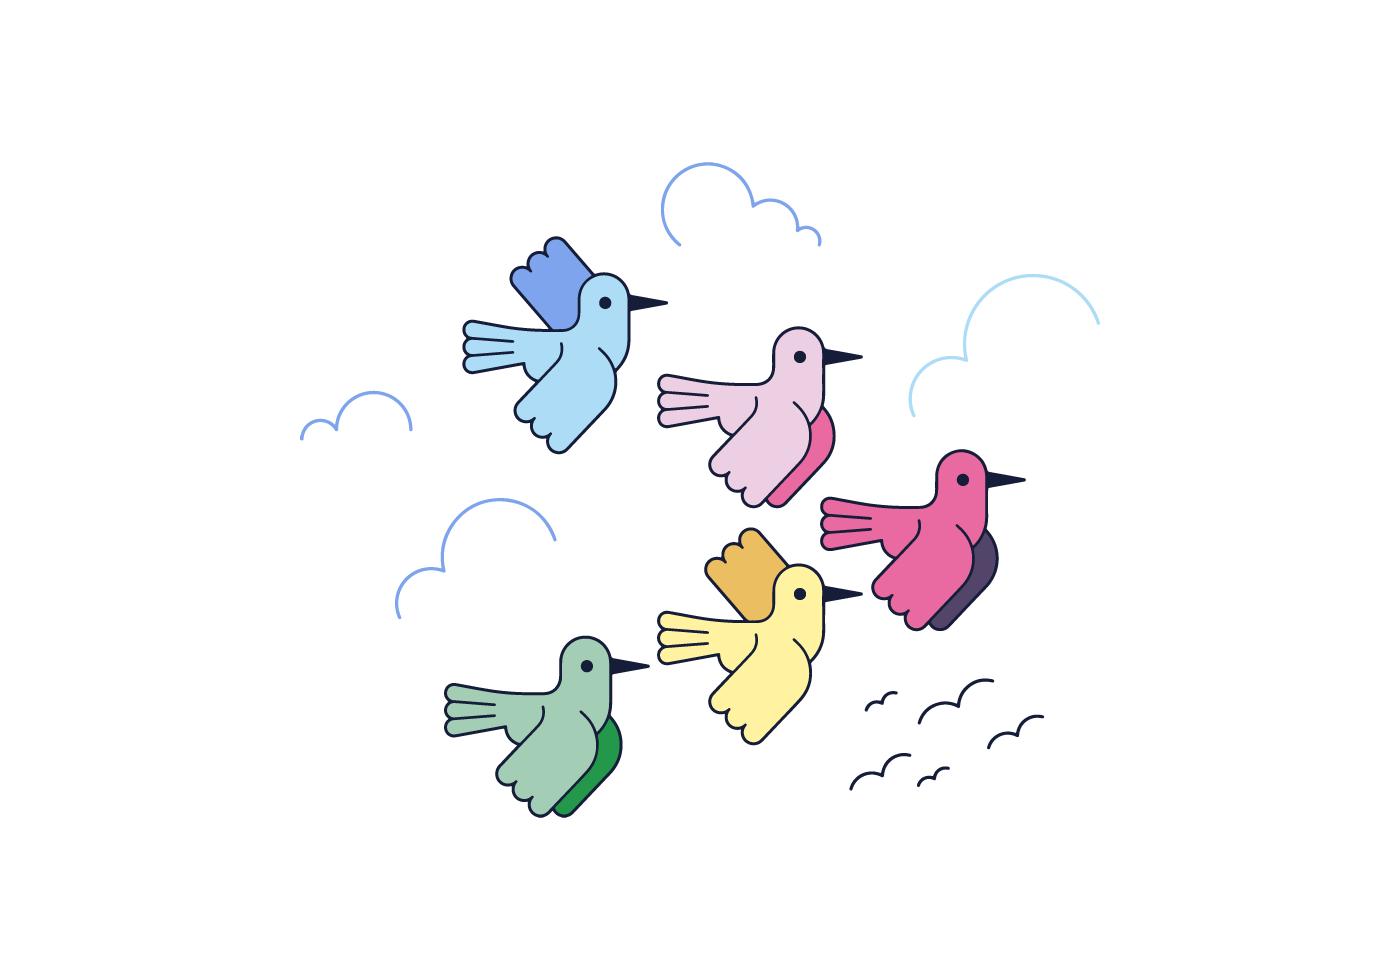 鳥q版 免費下載 | 天天瘋後製